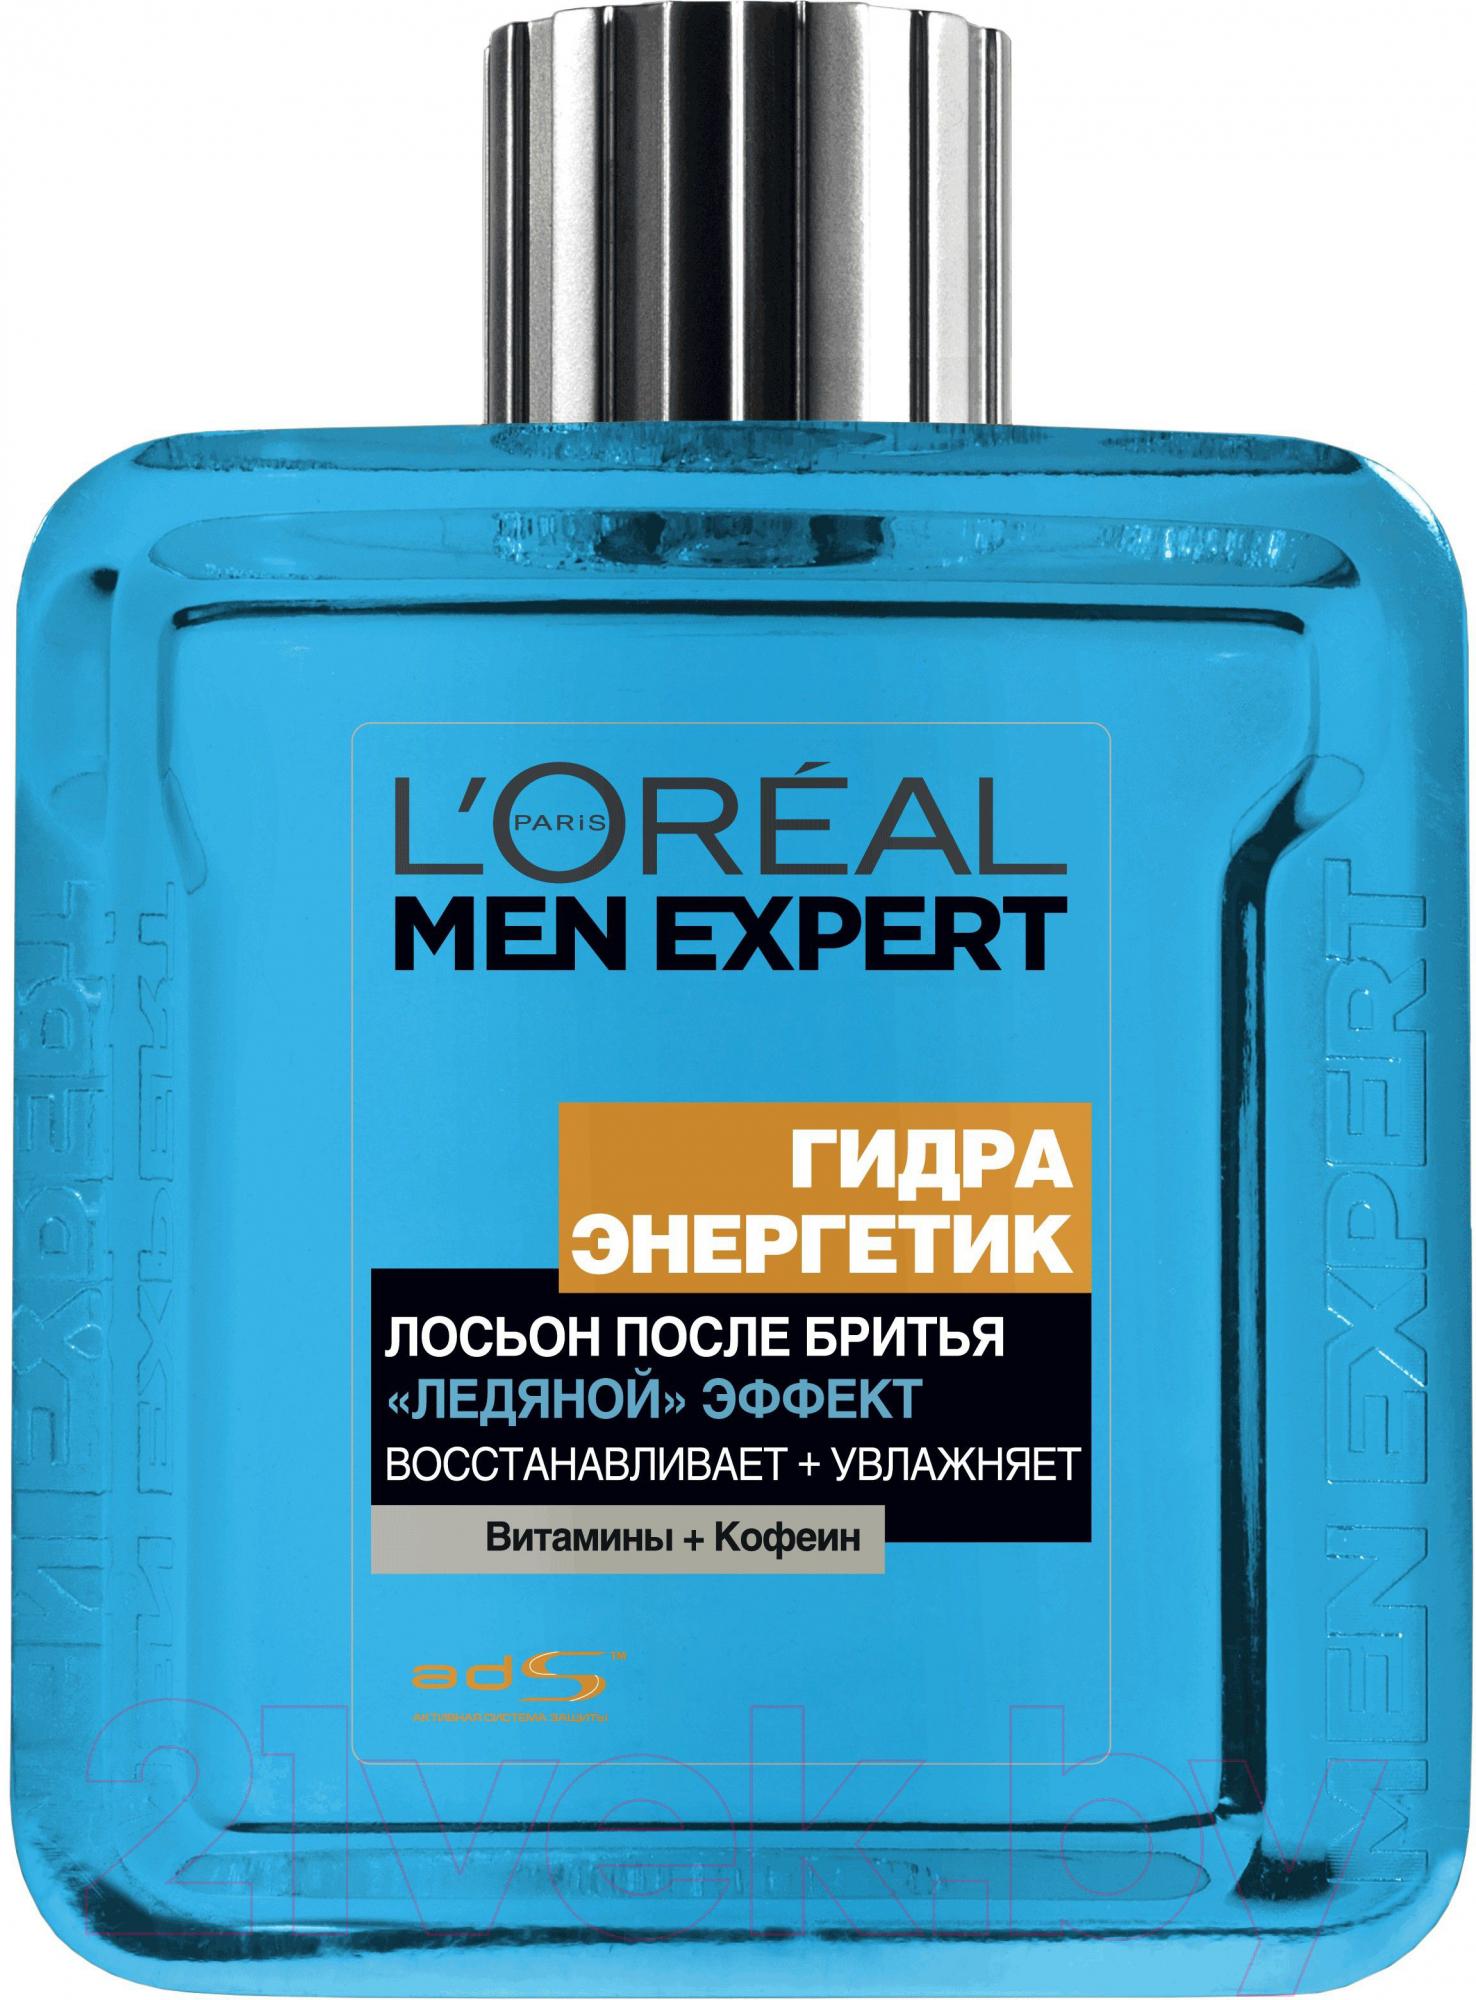 Купить Лосьон после бритья L'Oreal Paris, Men Expert гидра энергетик ледяной эффект (100мл), Италия